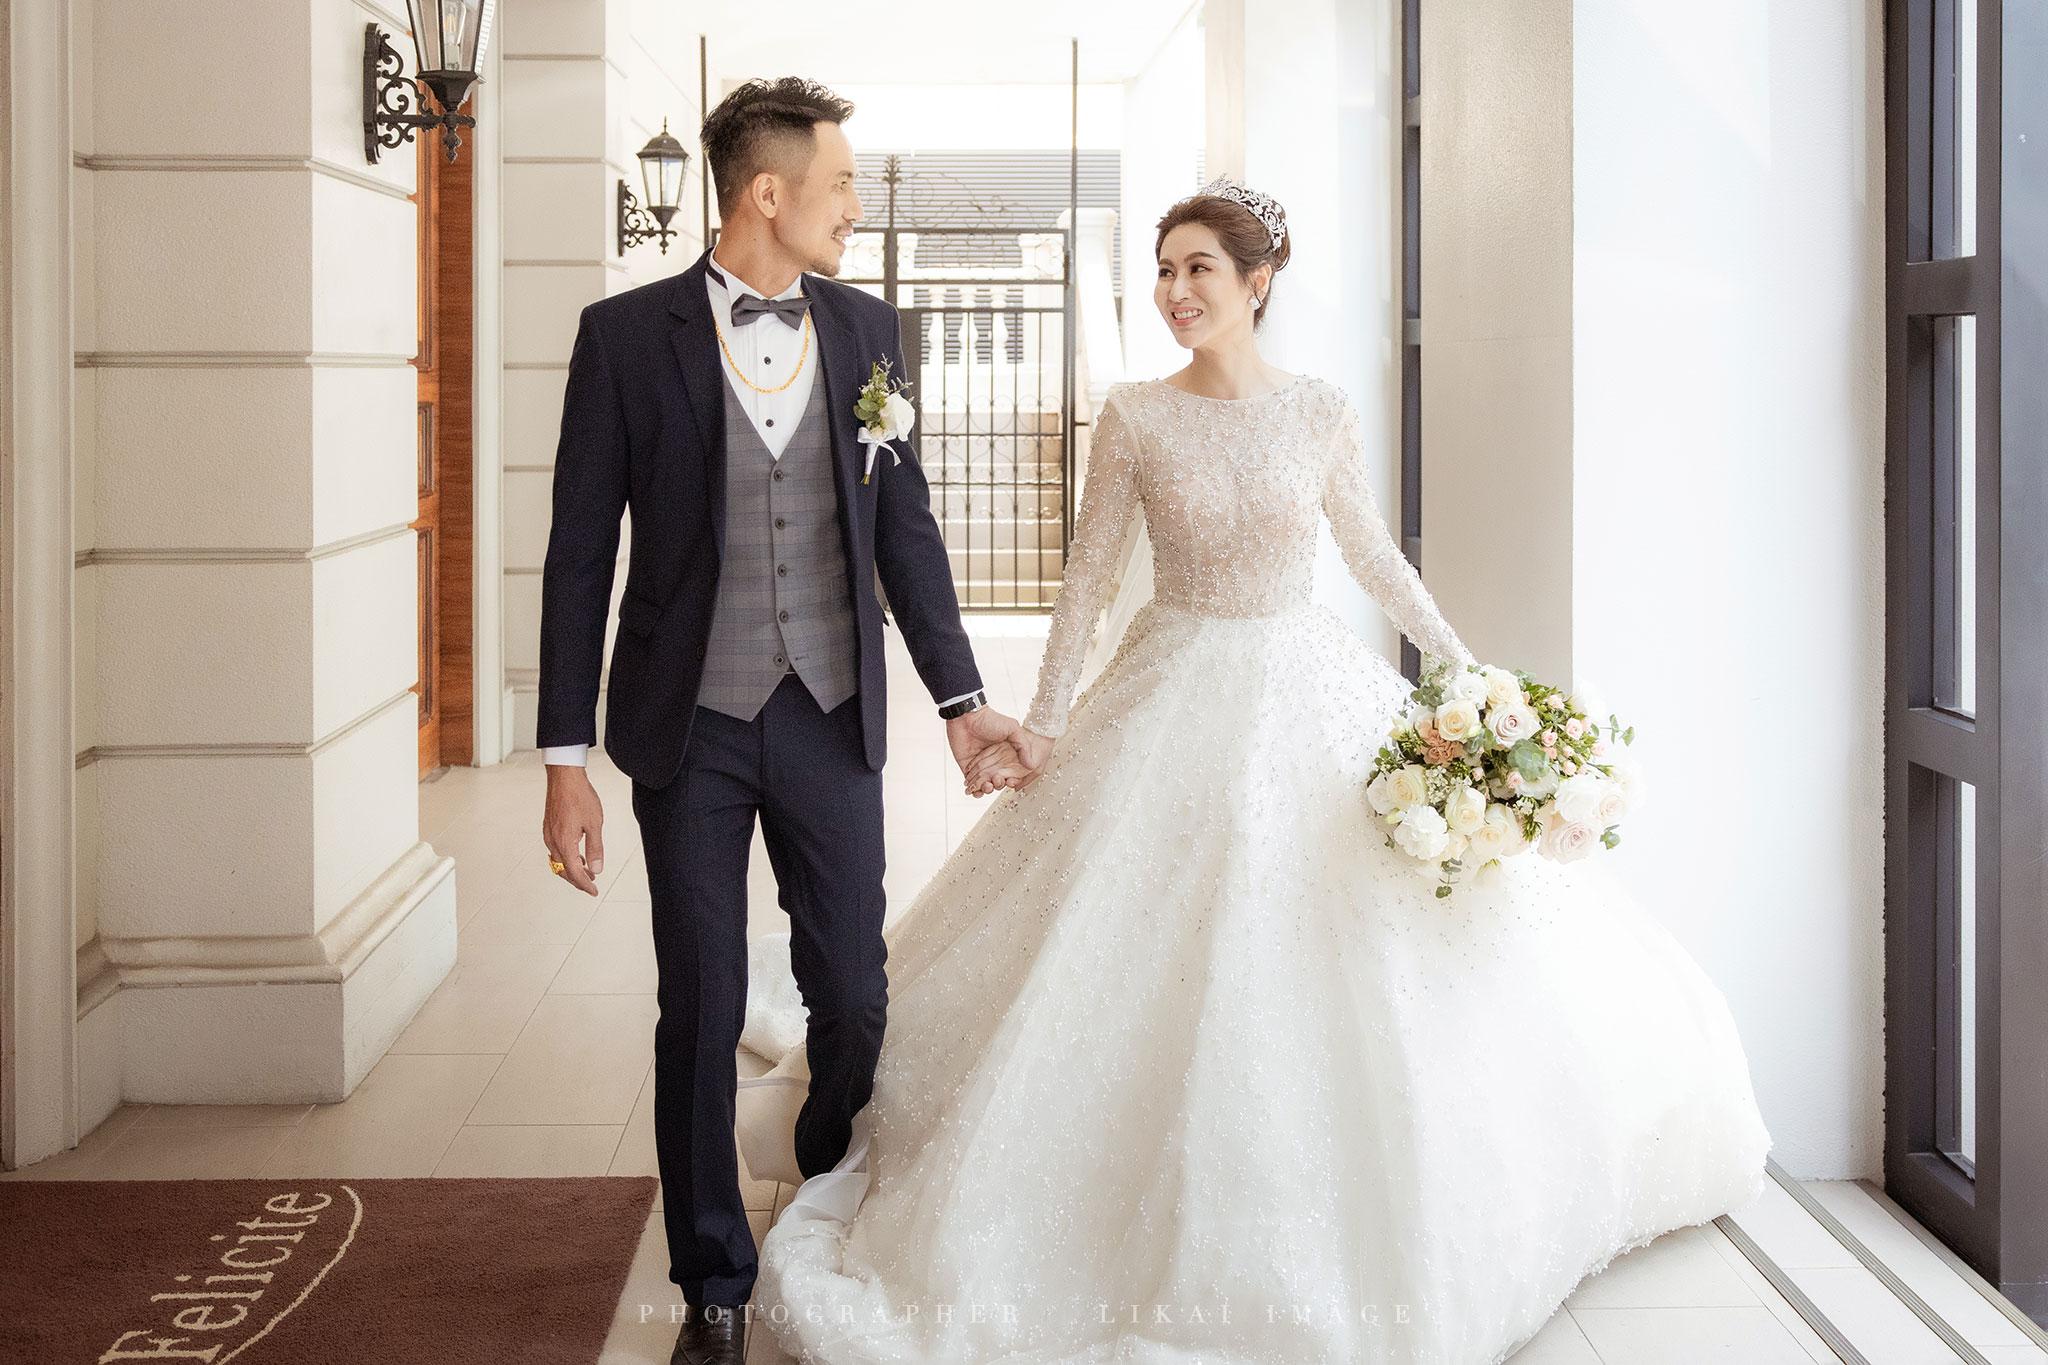 婚禮紀錄 - Paggy & Wei - 翡麗詩莊園